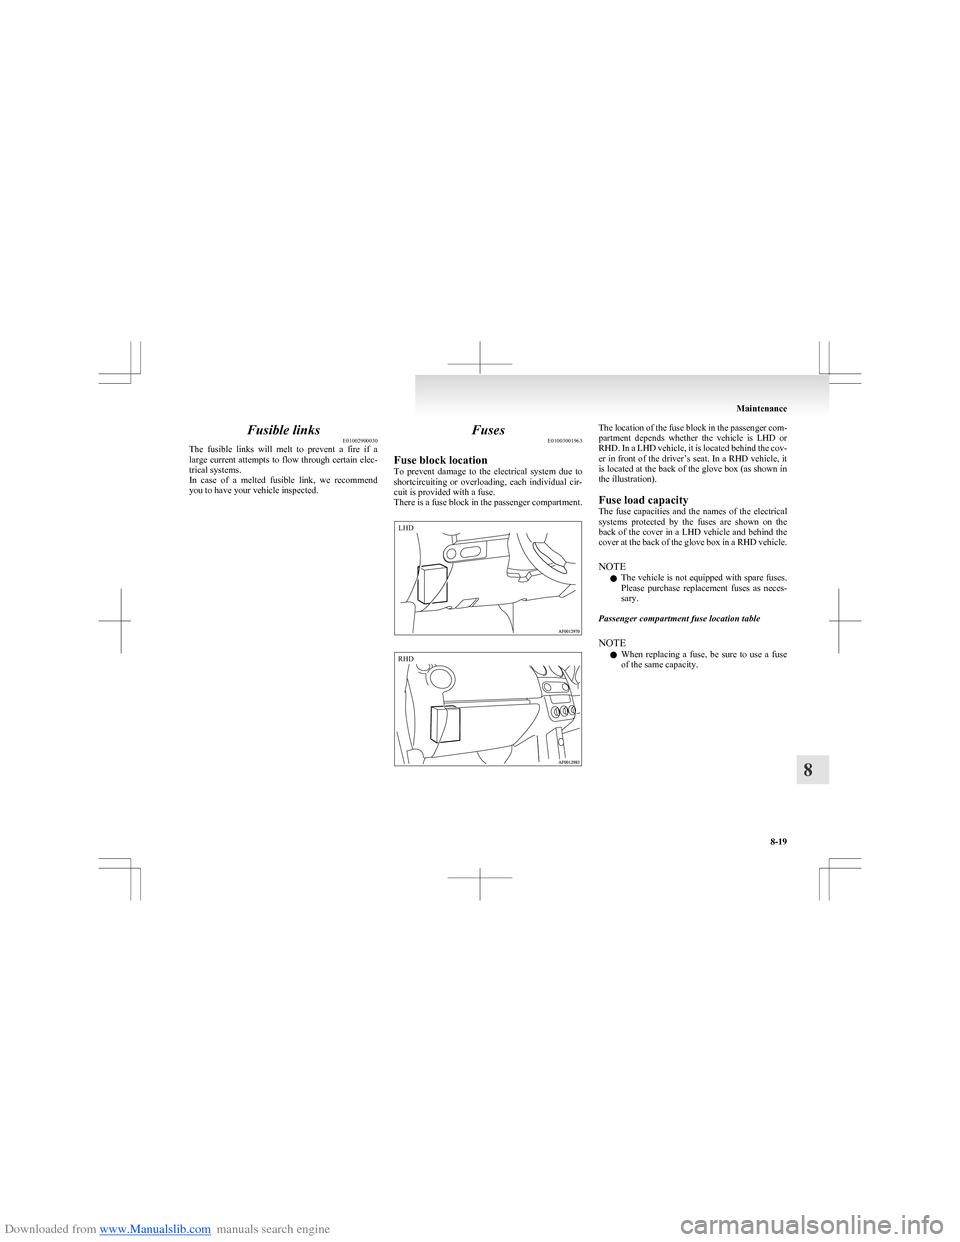 Mitsubishi Colt 2009 Fuse Box Diagram Ralliart Interior